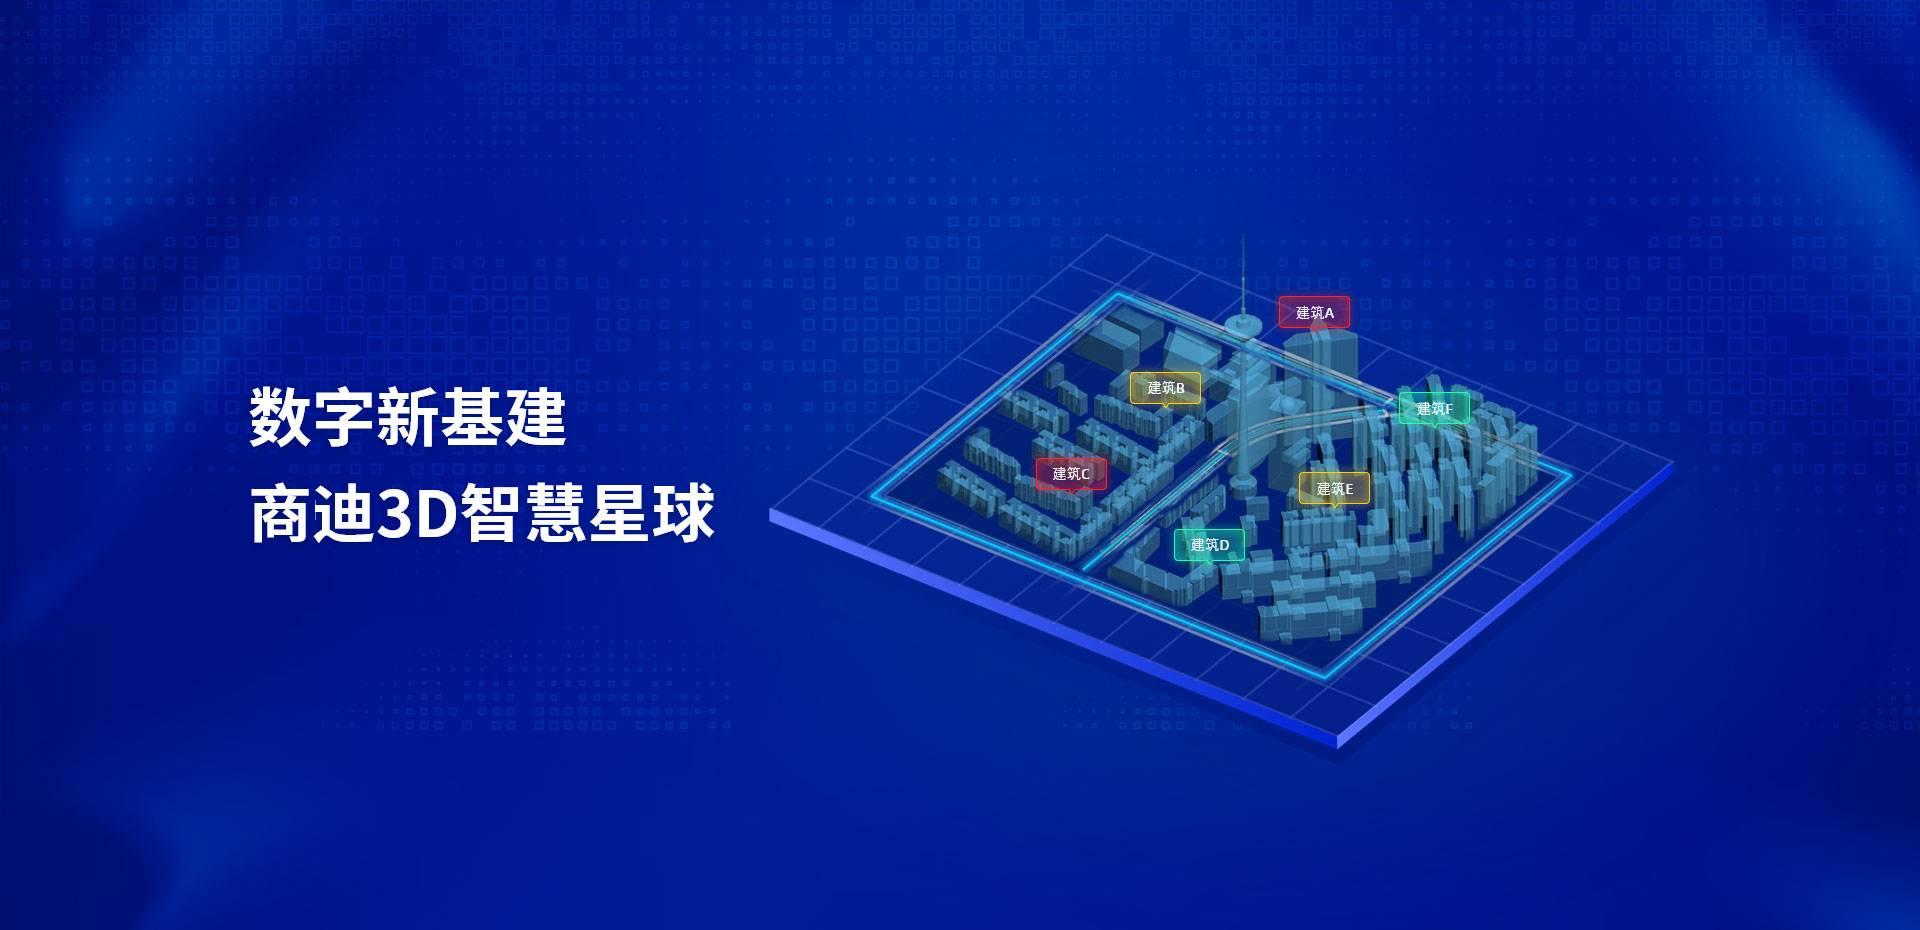 智慧城市3D可视化大屏管理系统